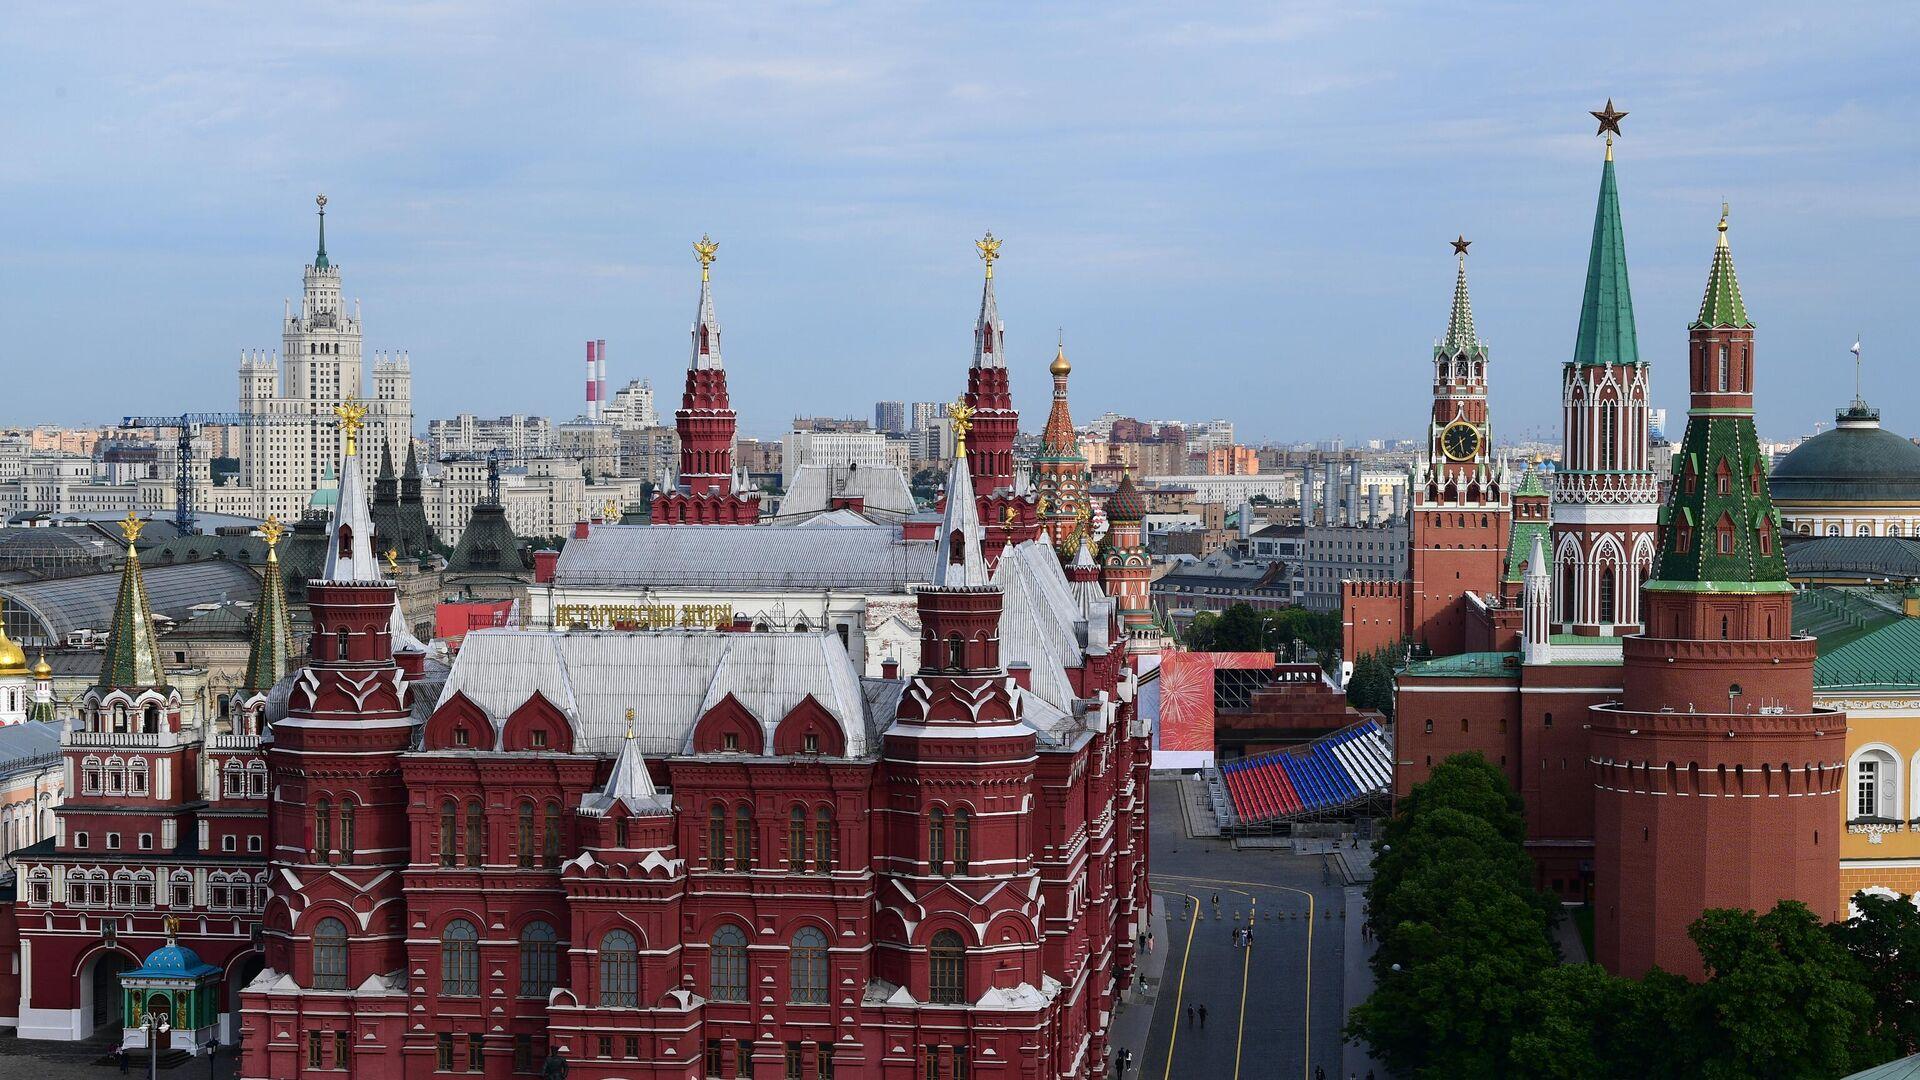 Вид на Исторический музей и Кремль в Москве - РИА Новости, 1920, 02.06.2021